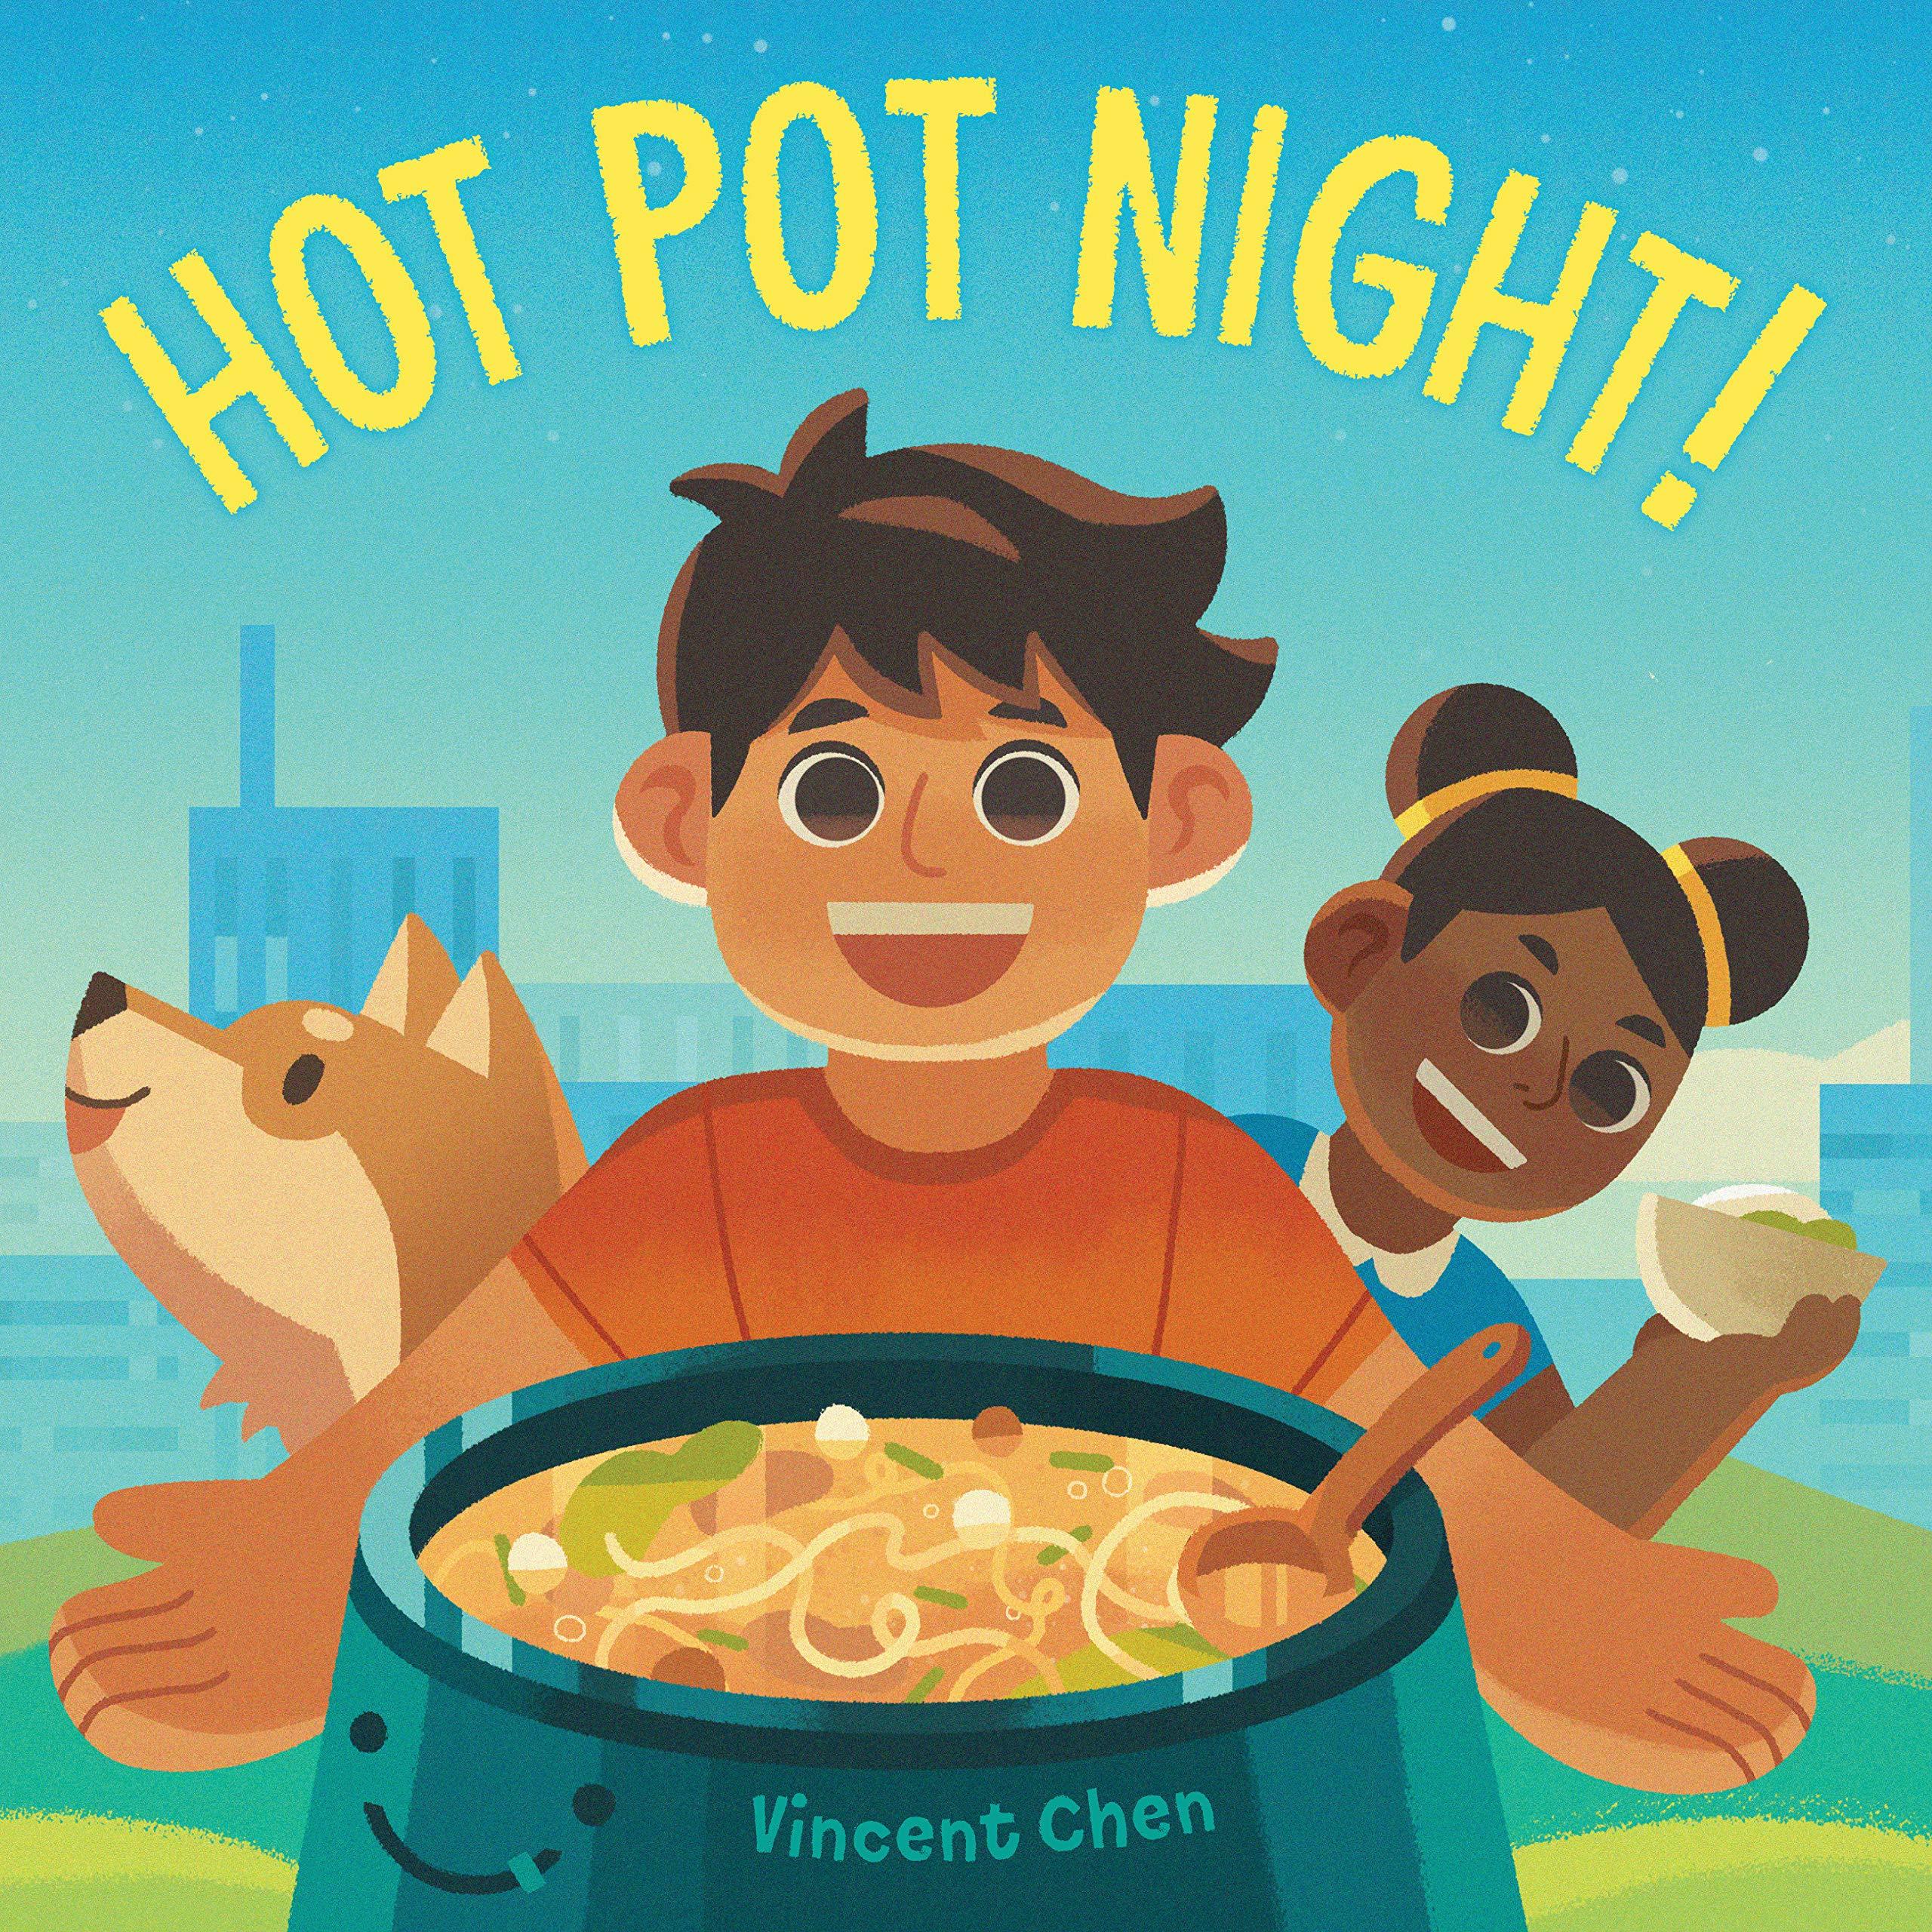 Hot Pot Night!: Chen, Vincent, Chen, Vincent: 9781623541200: Amazon.com: Books